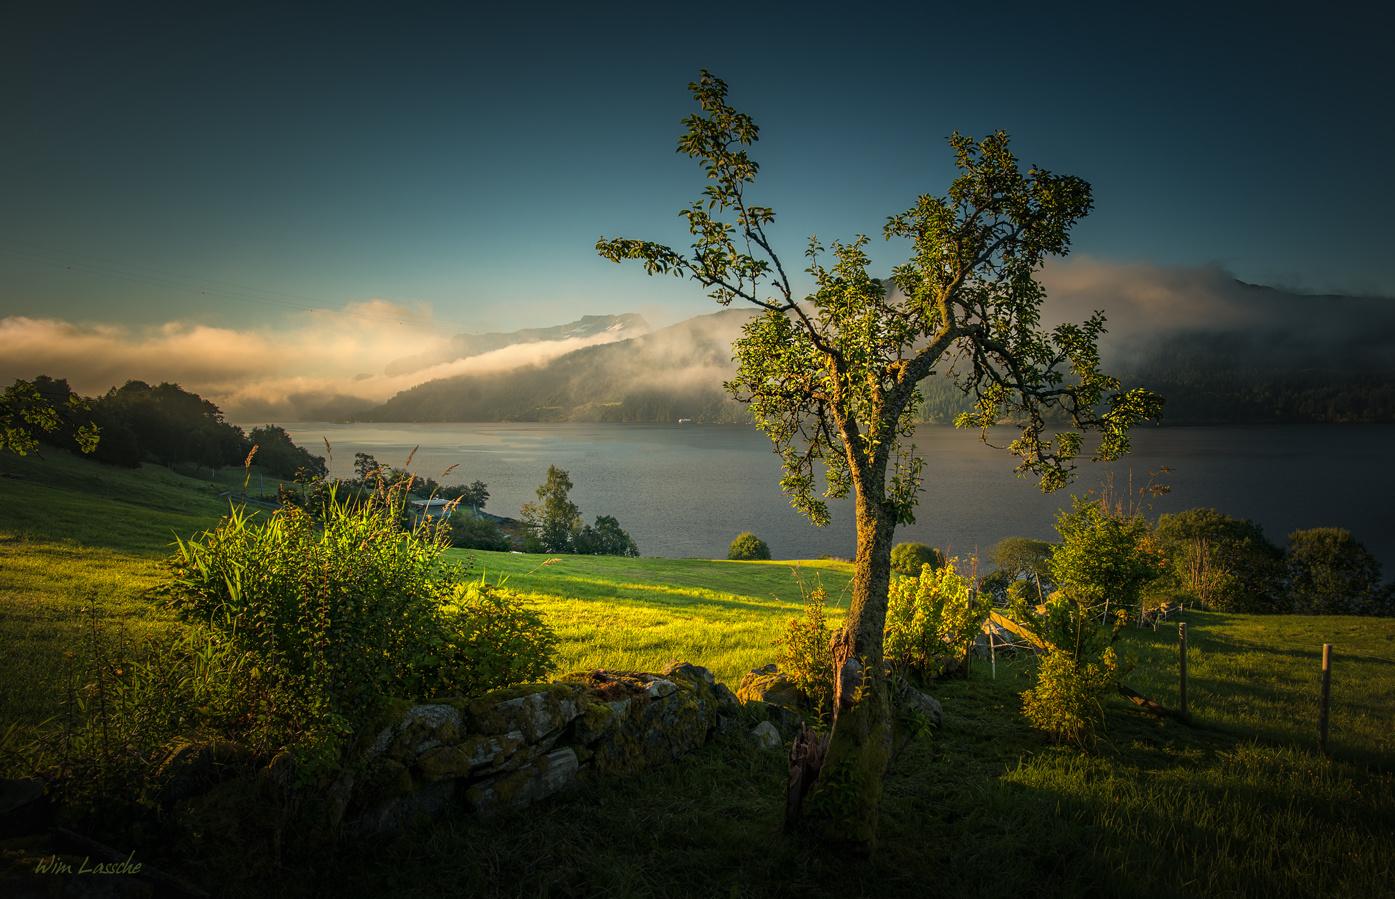 Morning Glow by Wim Lassche